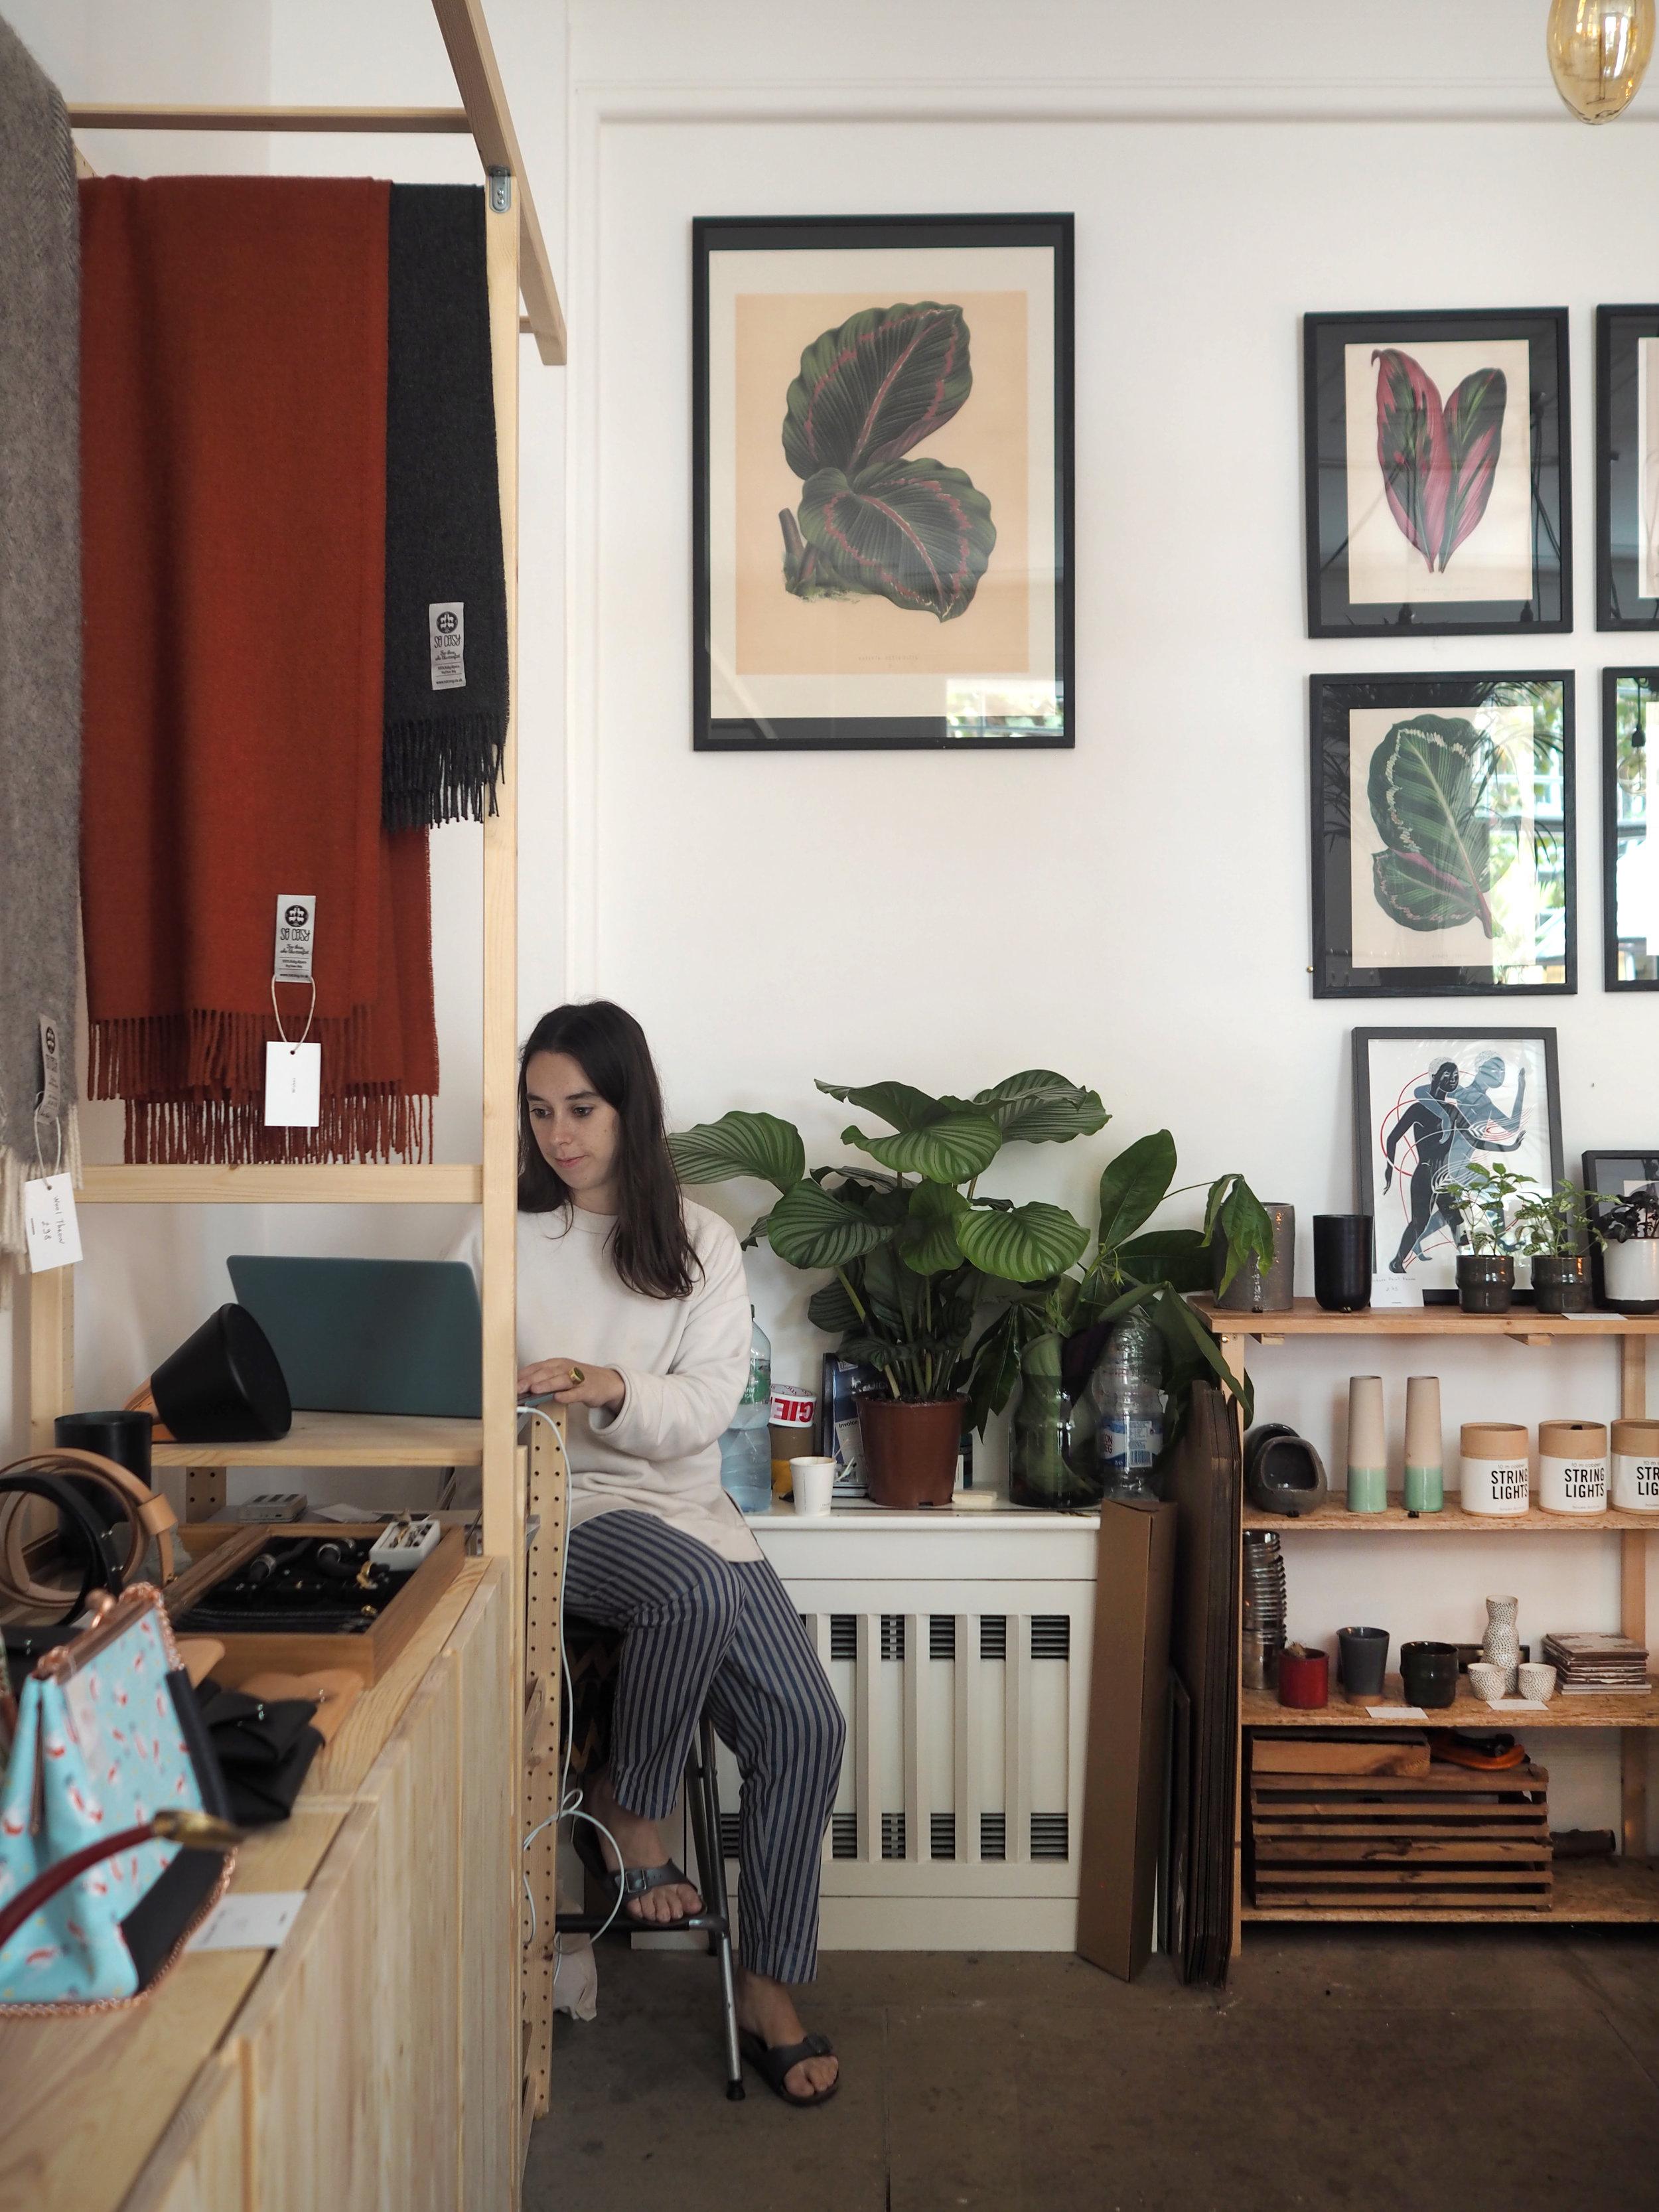 Shopkeeper Spotlight: Cuemars